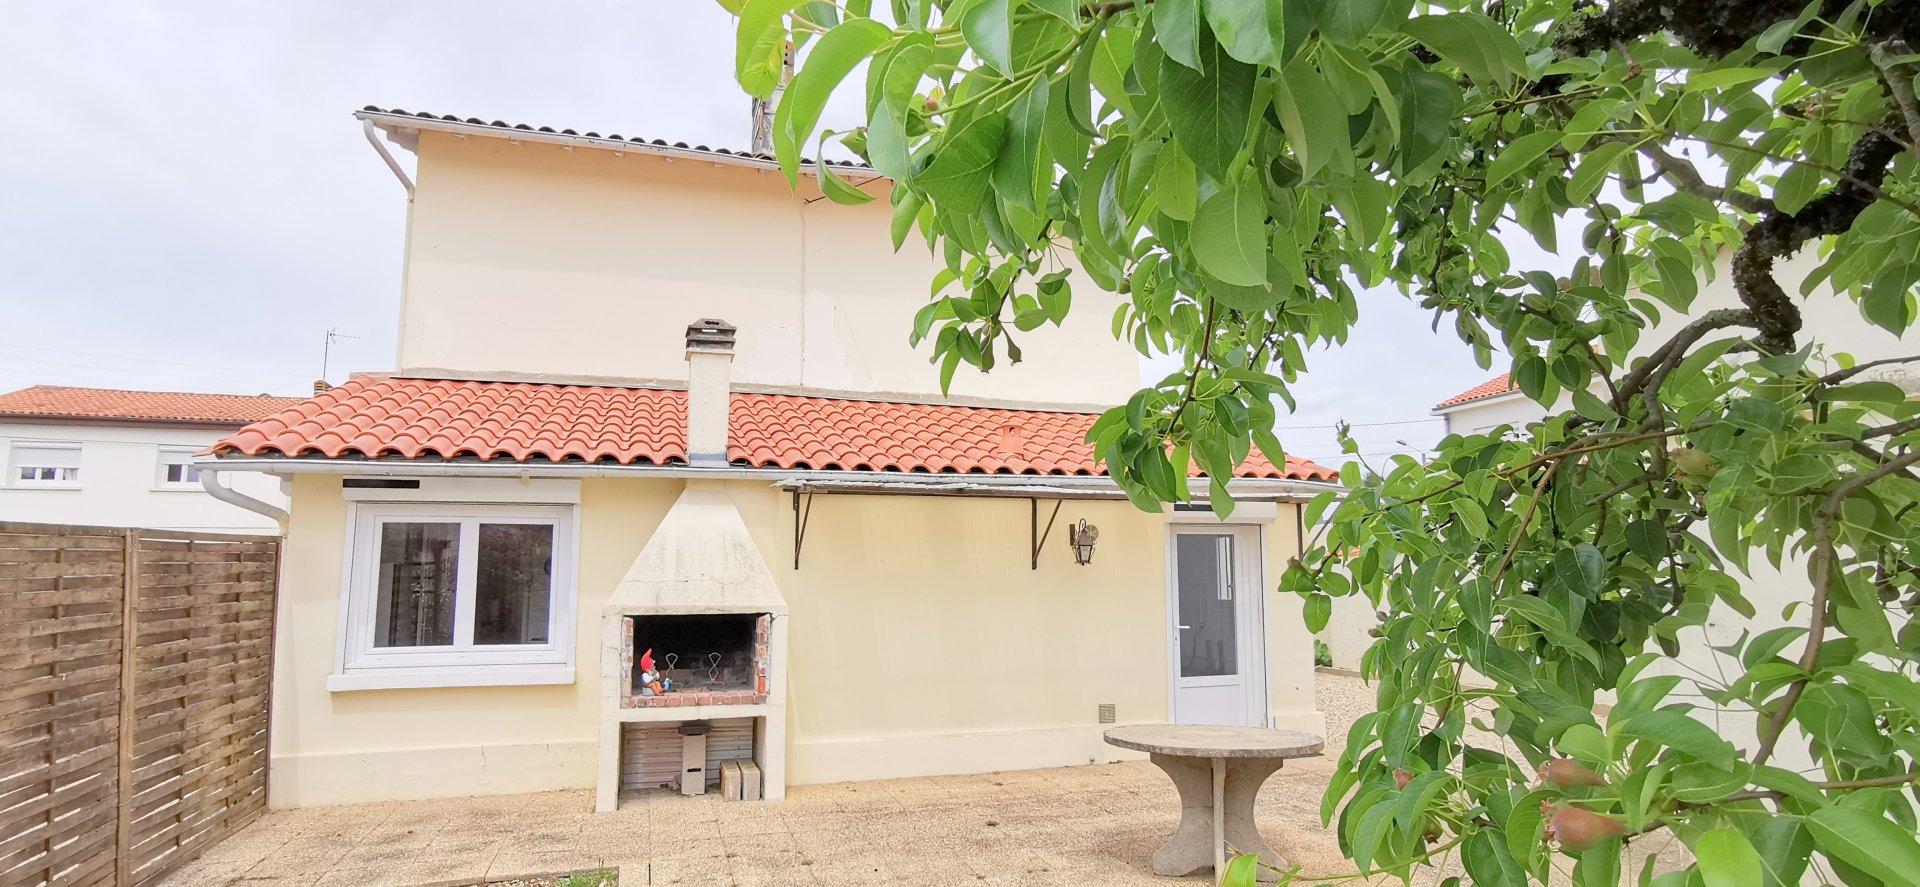 Maison avec dépendance sur 478 m²